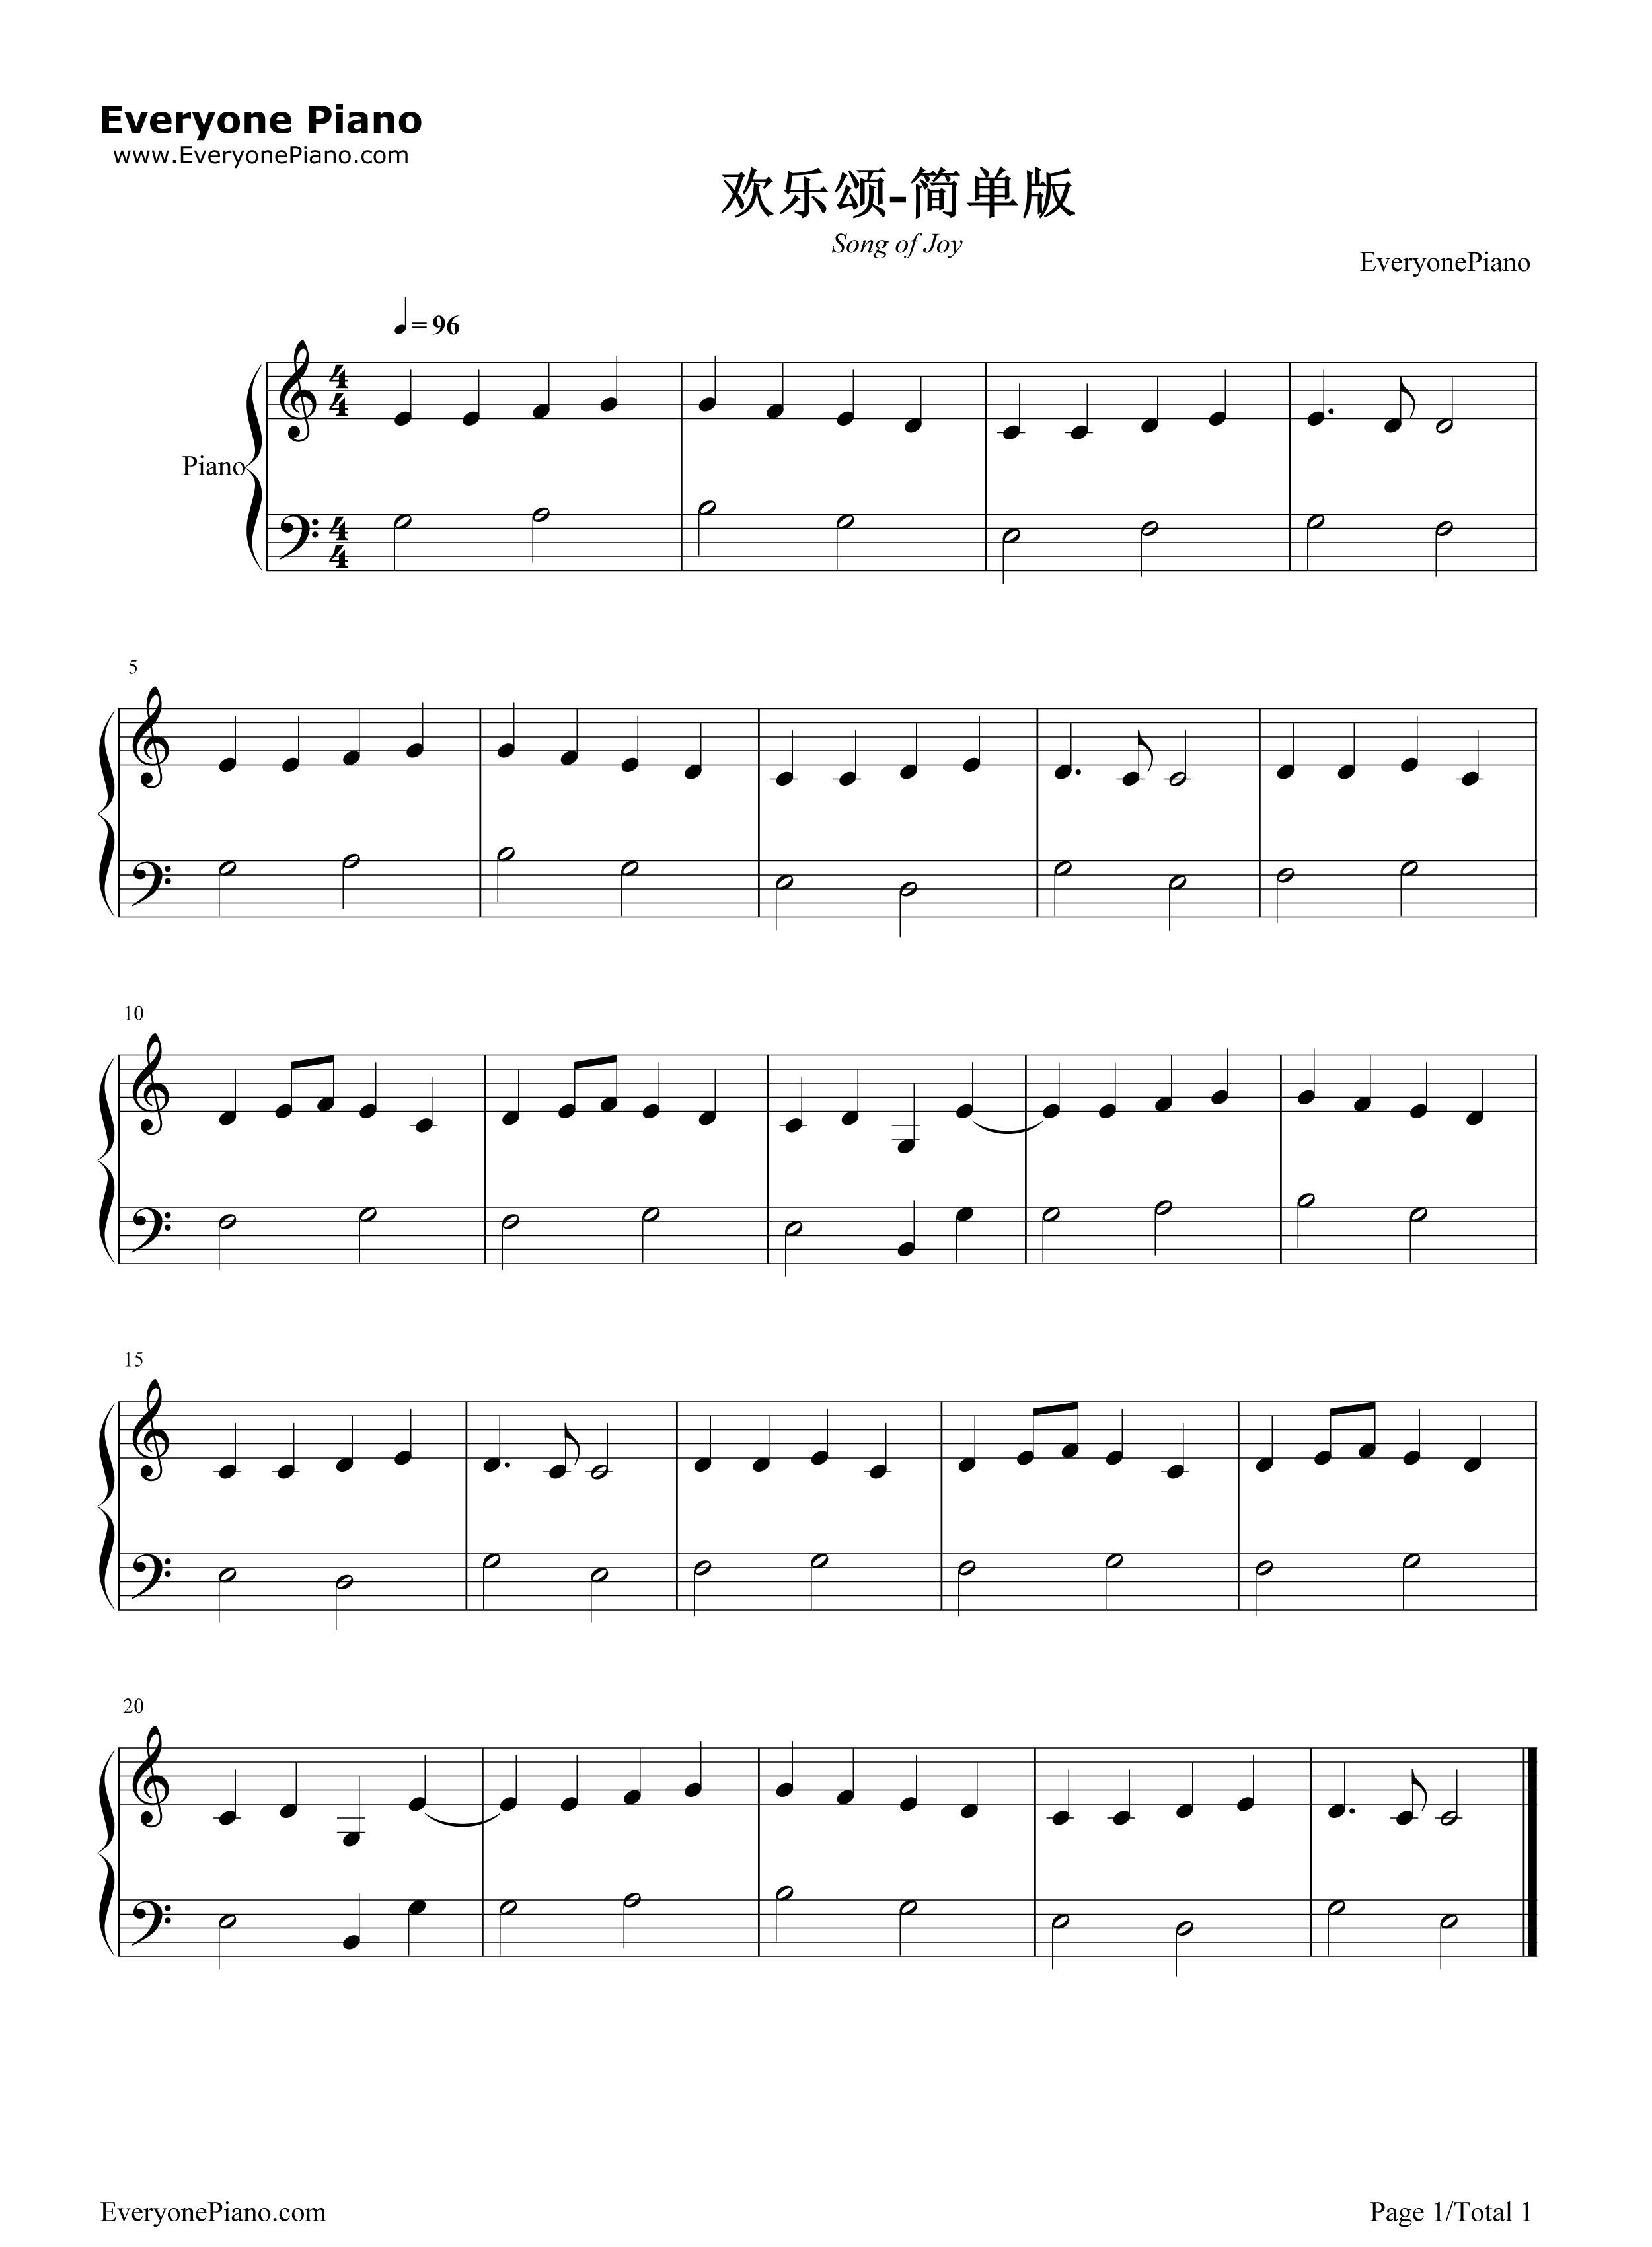 欢乐颂最简单版-eop教学曲五线谱预览1